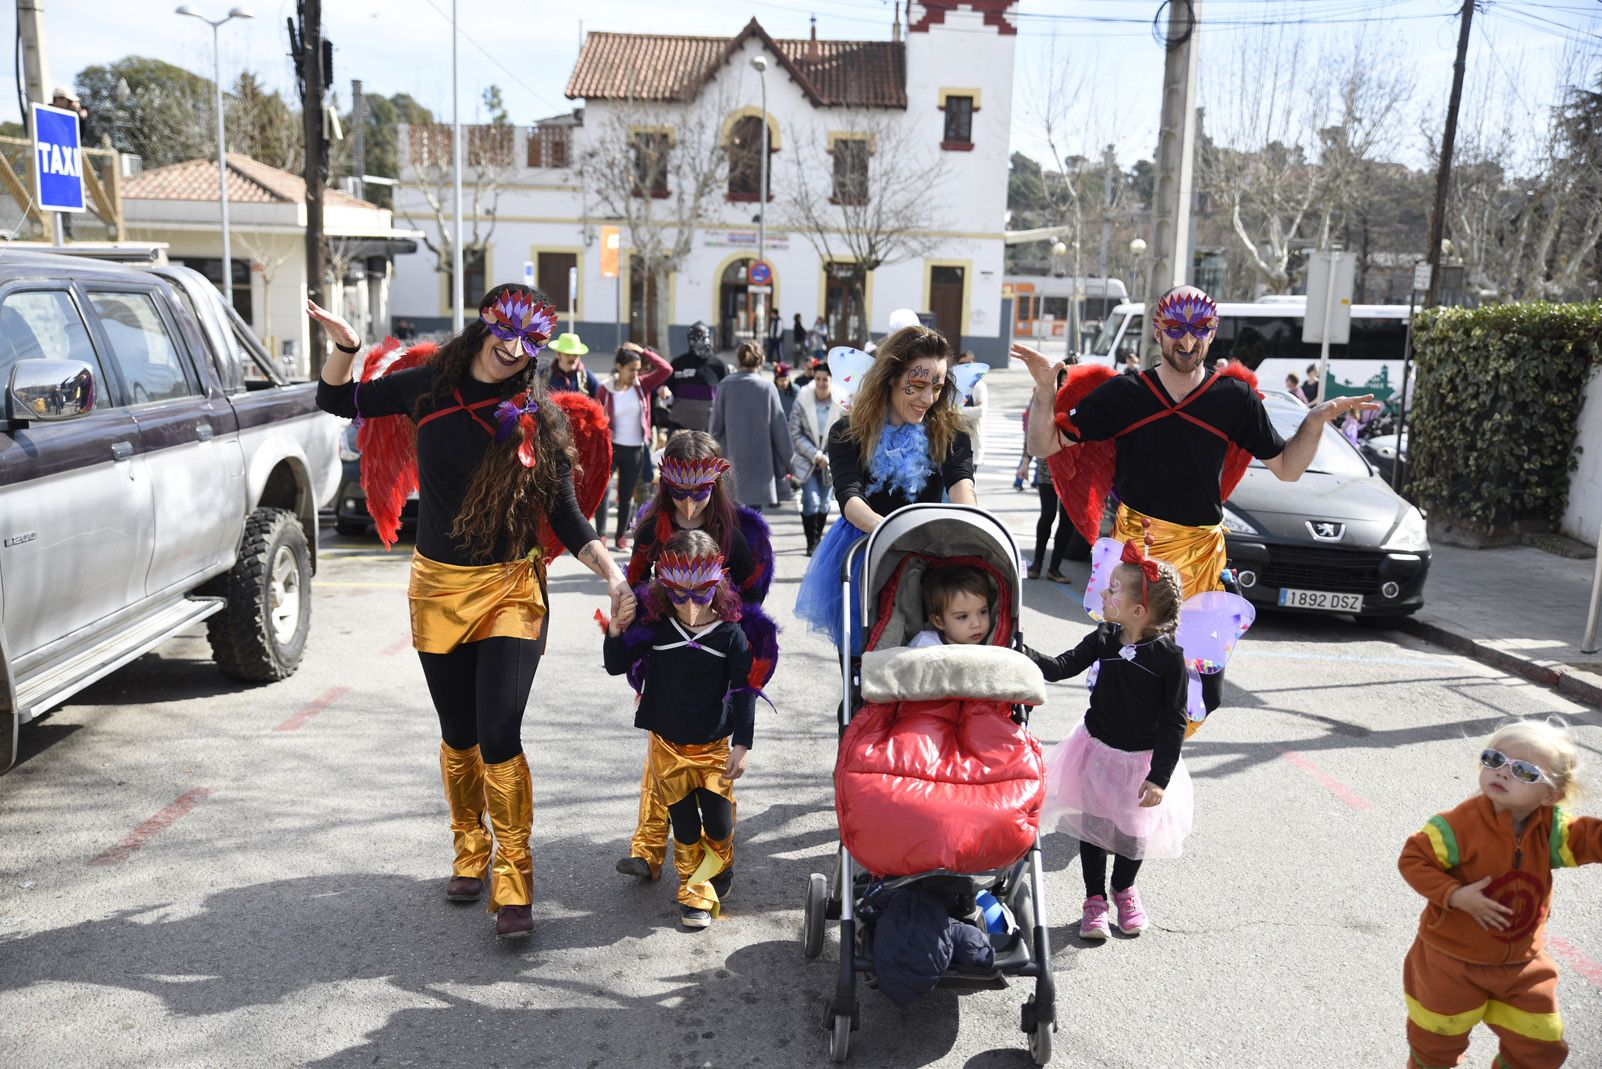 Rua de Carnaval a Valldoreix. Foto: Bernat Millet.